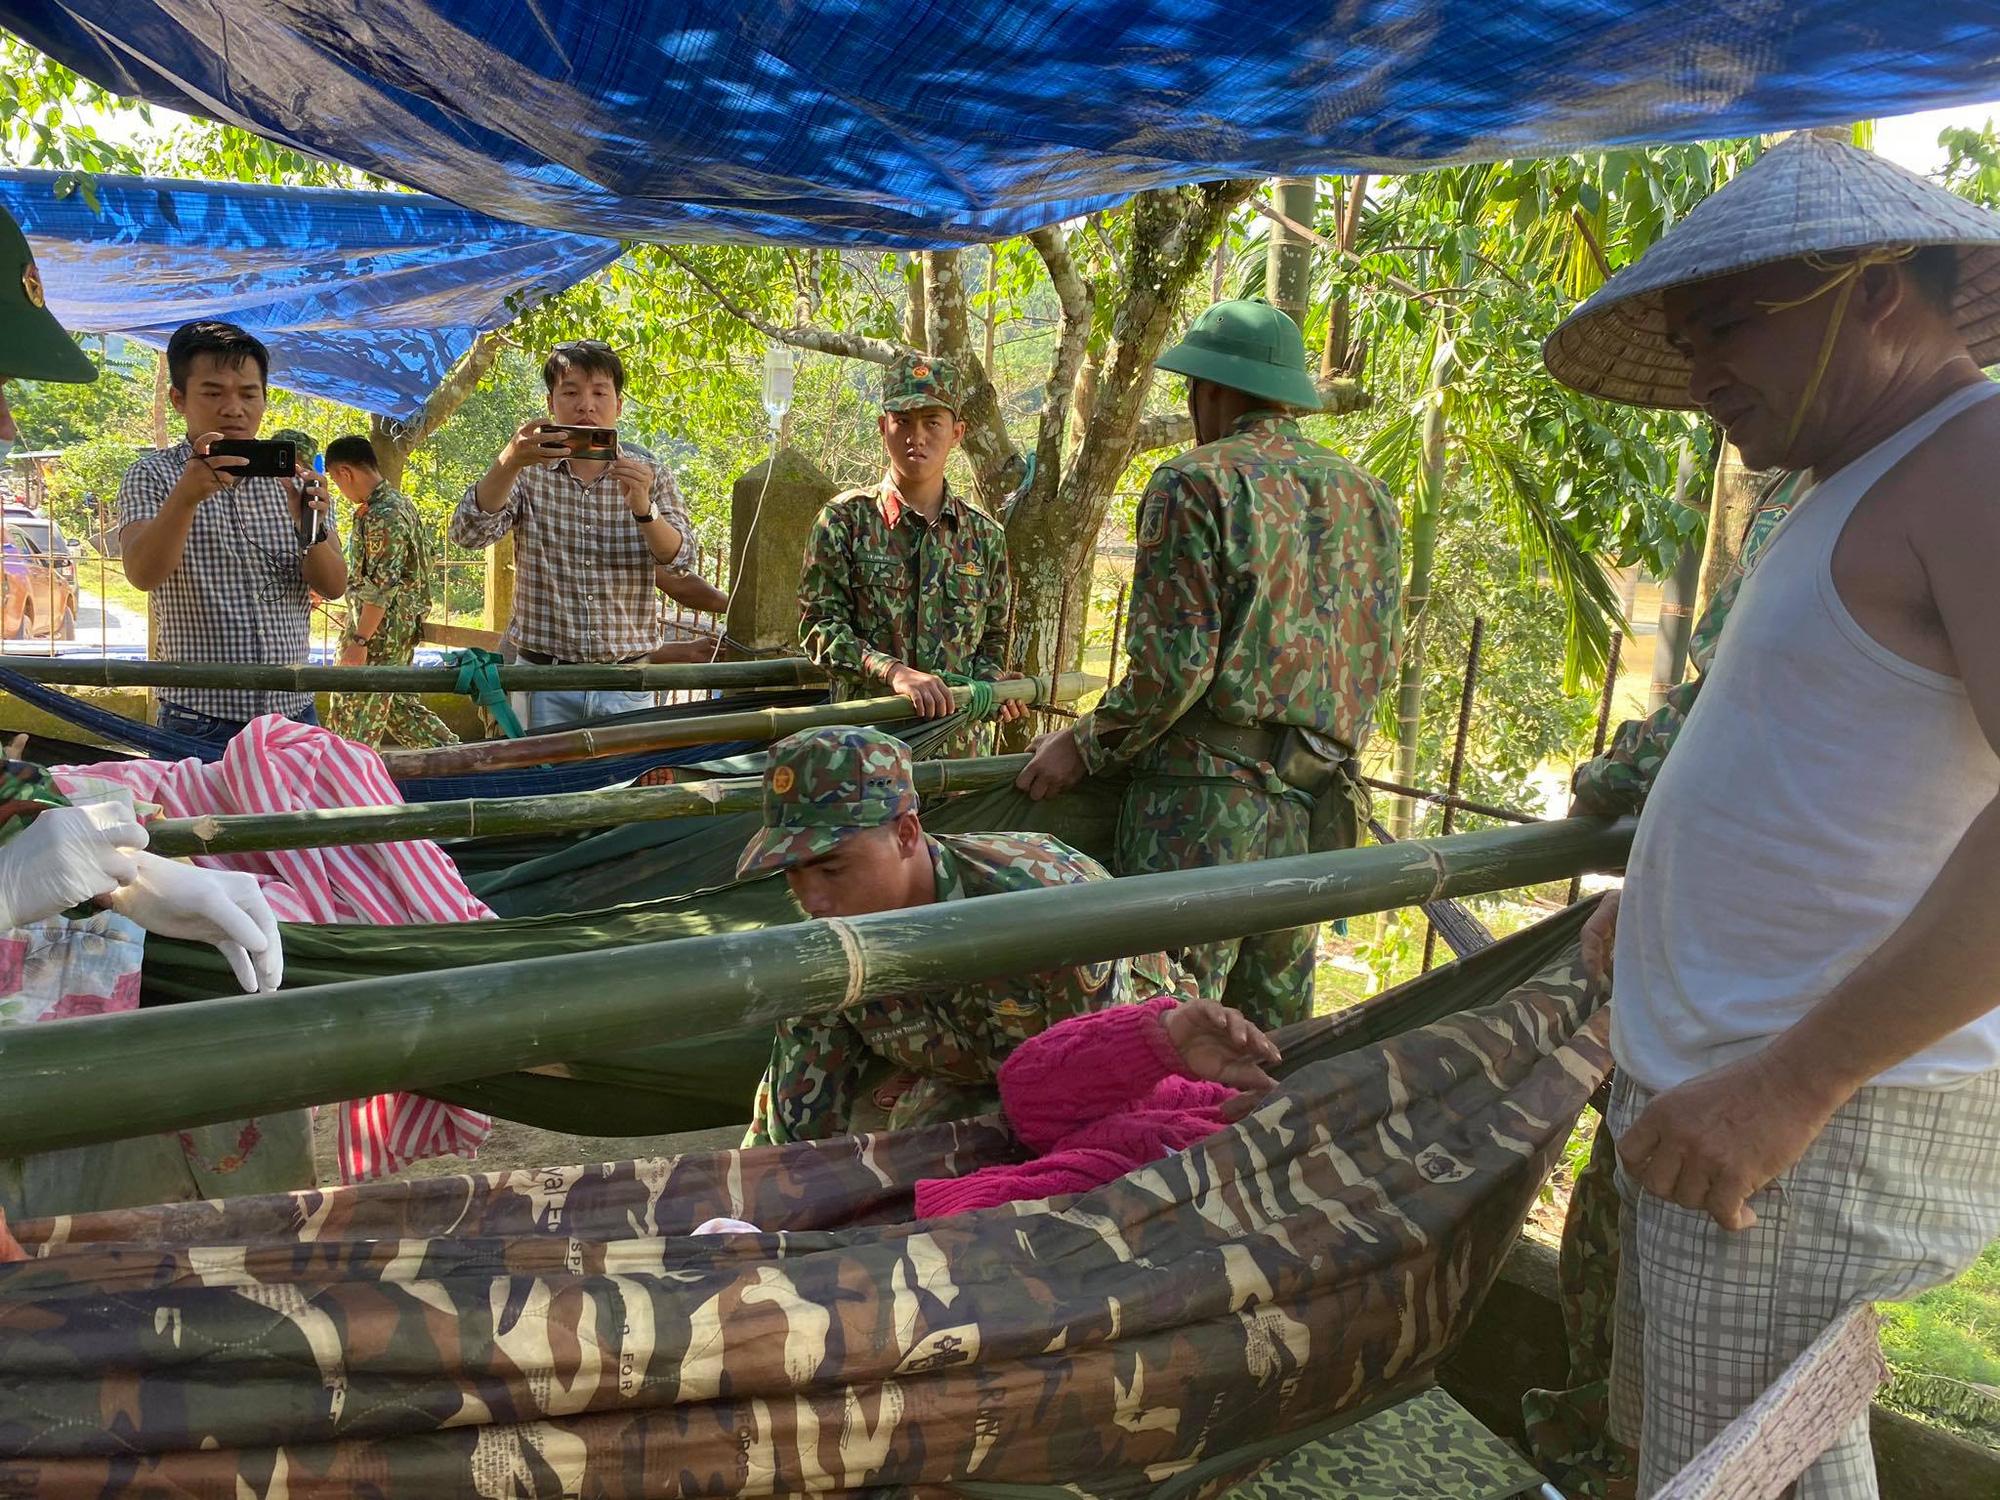 Vụ sạt lở núi vùi lấp ở xã Trà Leng: Cứu sống được 33 người - Ảnh 16.